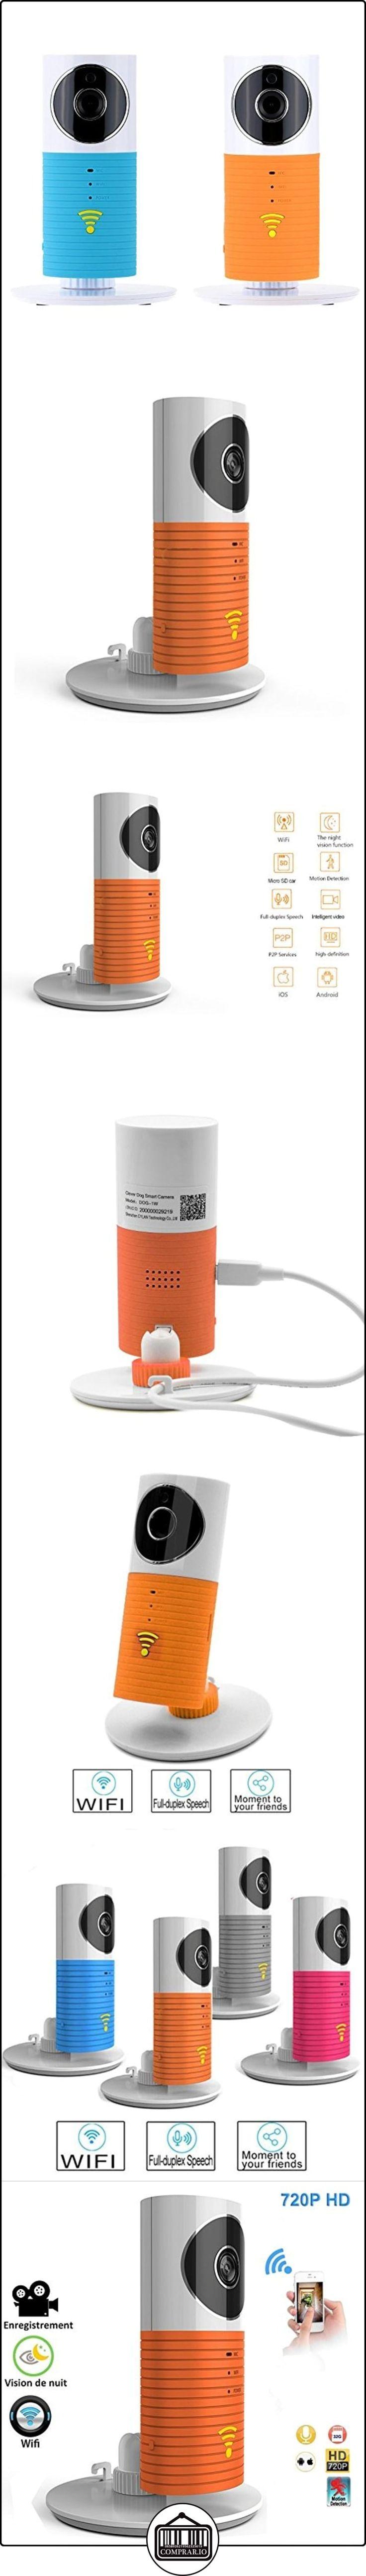 Electro-Weideworld P2P Wifi Cámara Vigilancia Baby Monitor Wifi Two-way Audio Vigilabebés Con Incorporados Altavoz y Micrófono ,Visión Nocturna Seguridad para Bebé  ✿ Vigilabebés - Seguridad ✿ ▬► Ver oferta: http://comprar.io/goto/B01HXMI9ZA